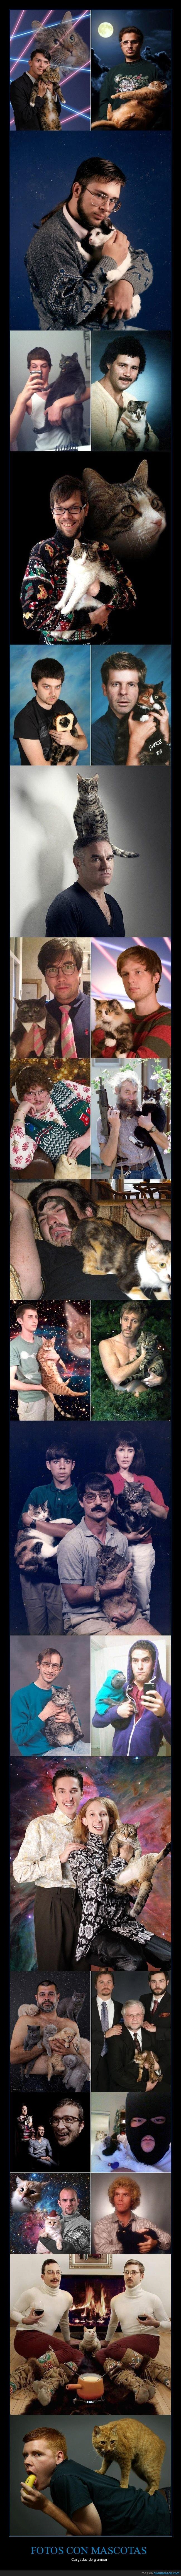 fotos,mascotas,posando